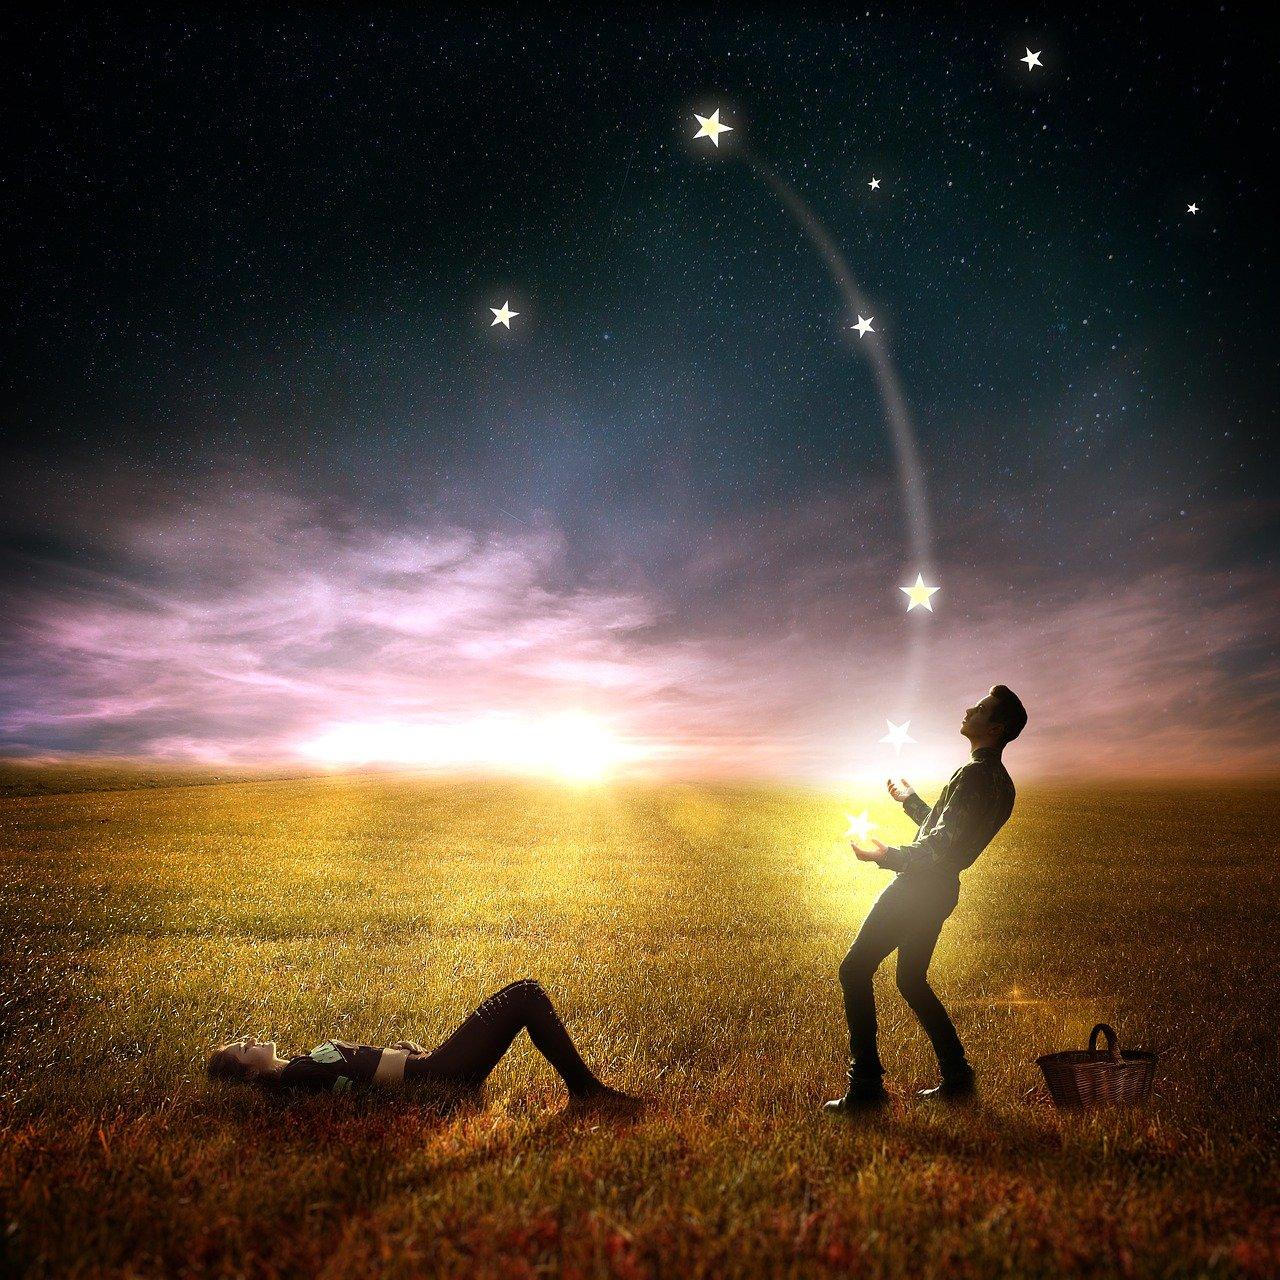 De sterren van de hemel leren